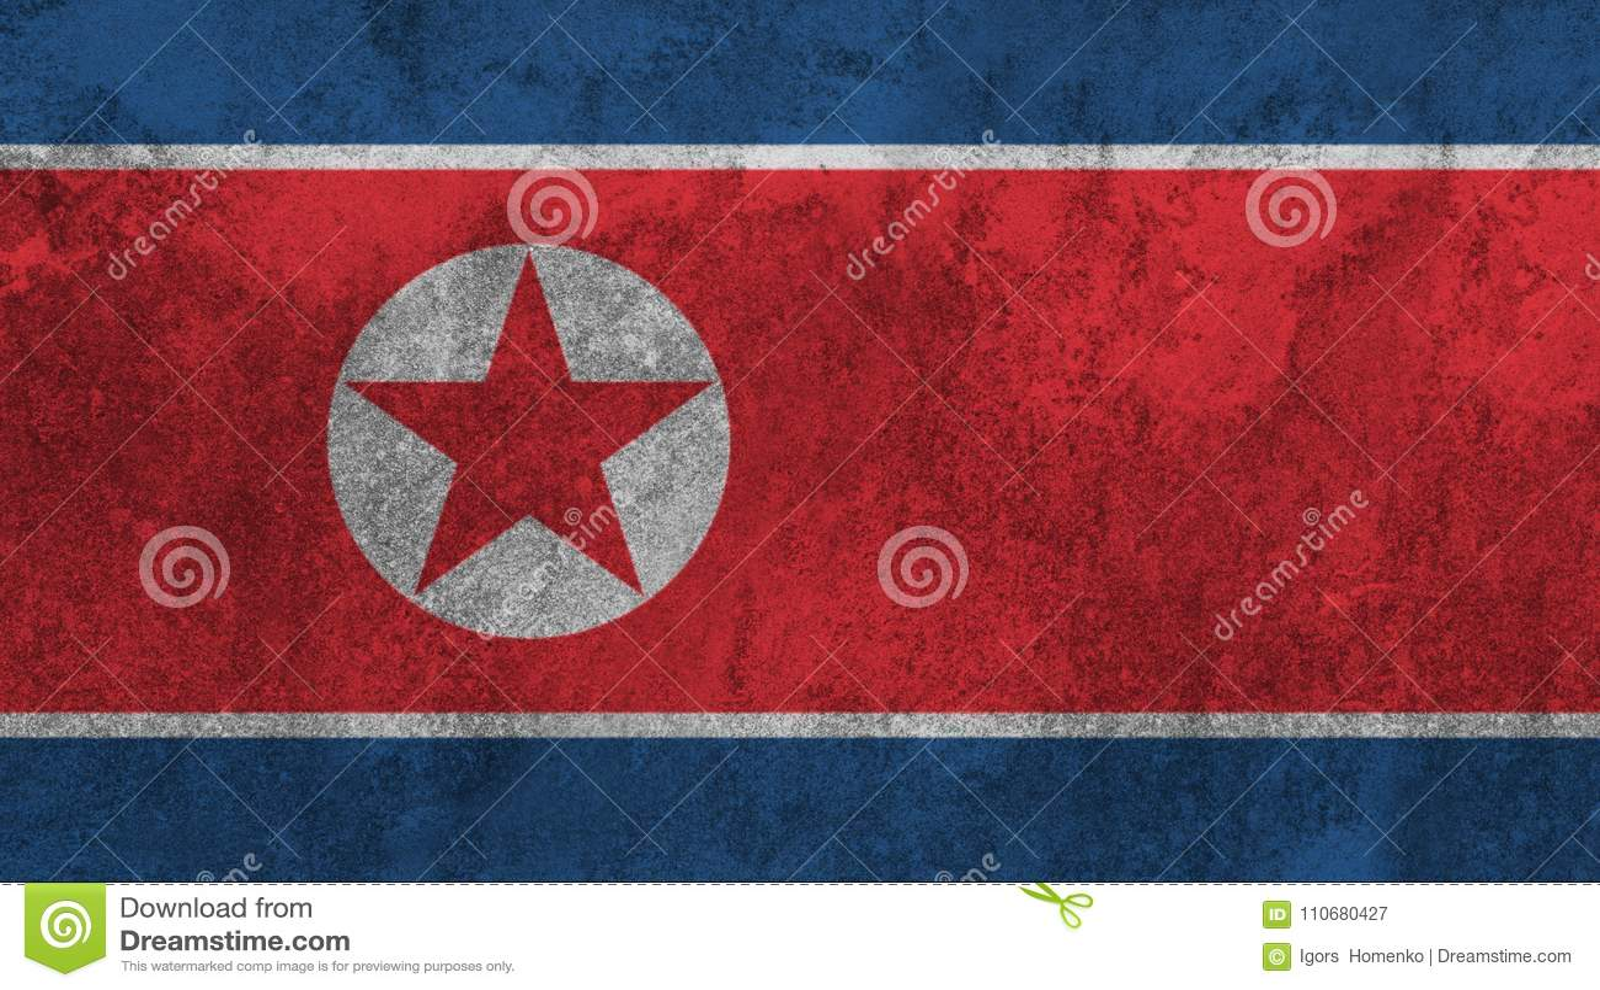 Drapeau coréen du nord peint sur le mur